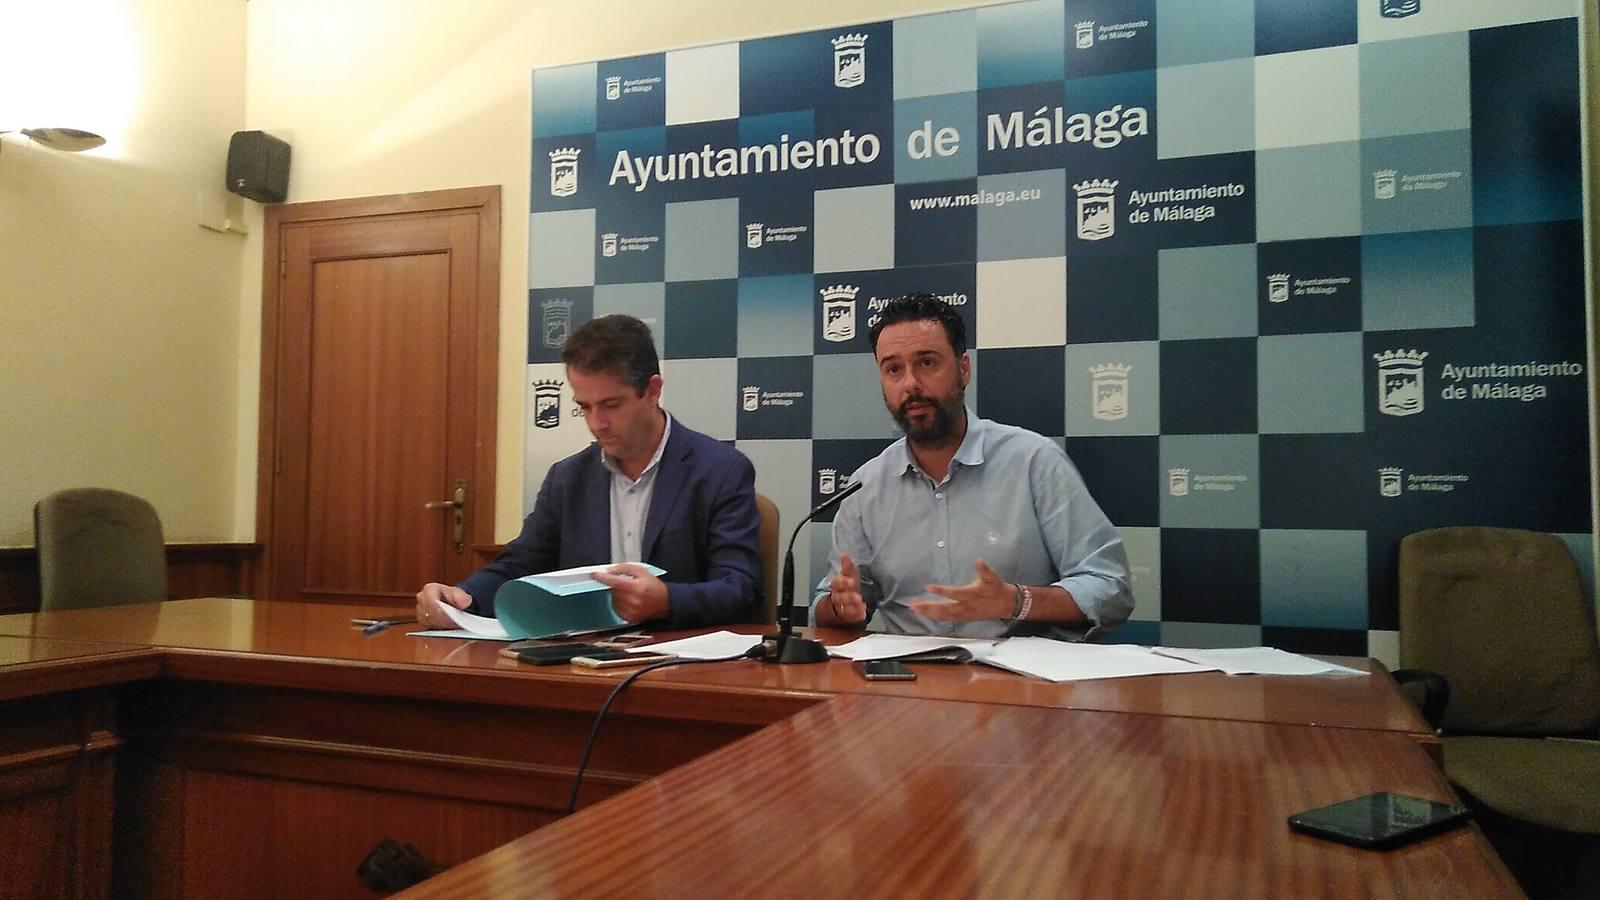 Málaga prohibirá la publicidad sexista